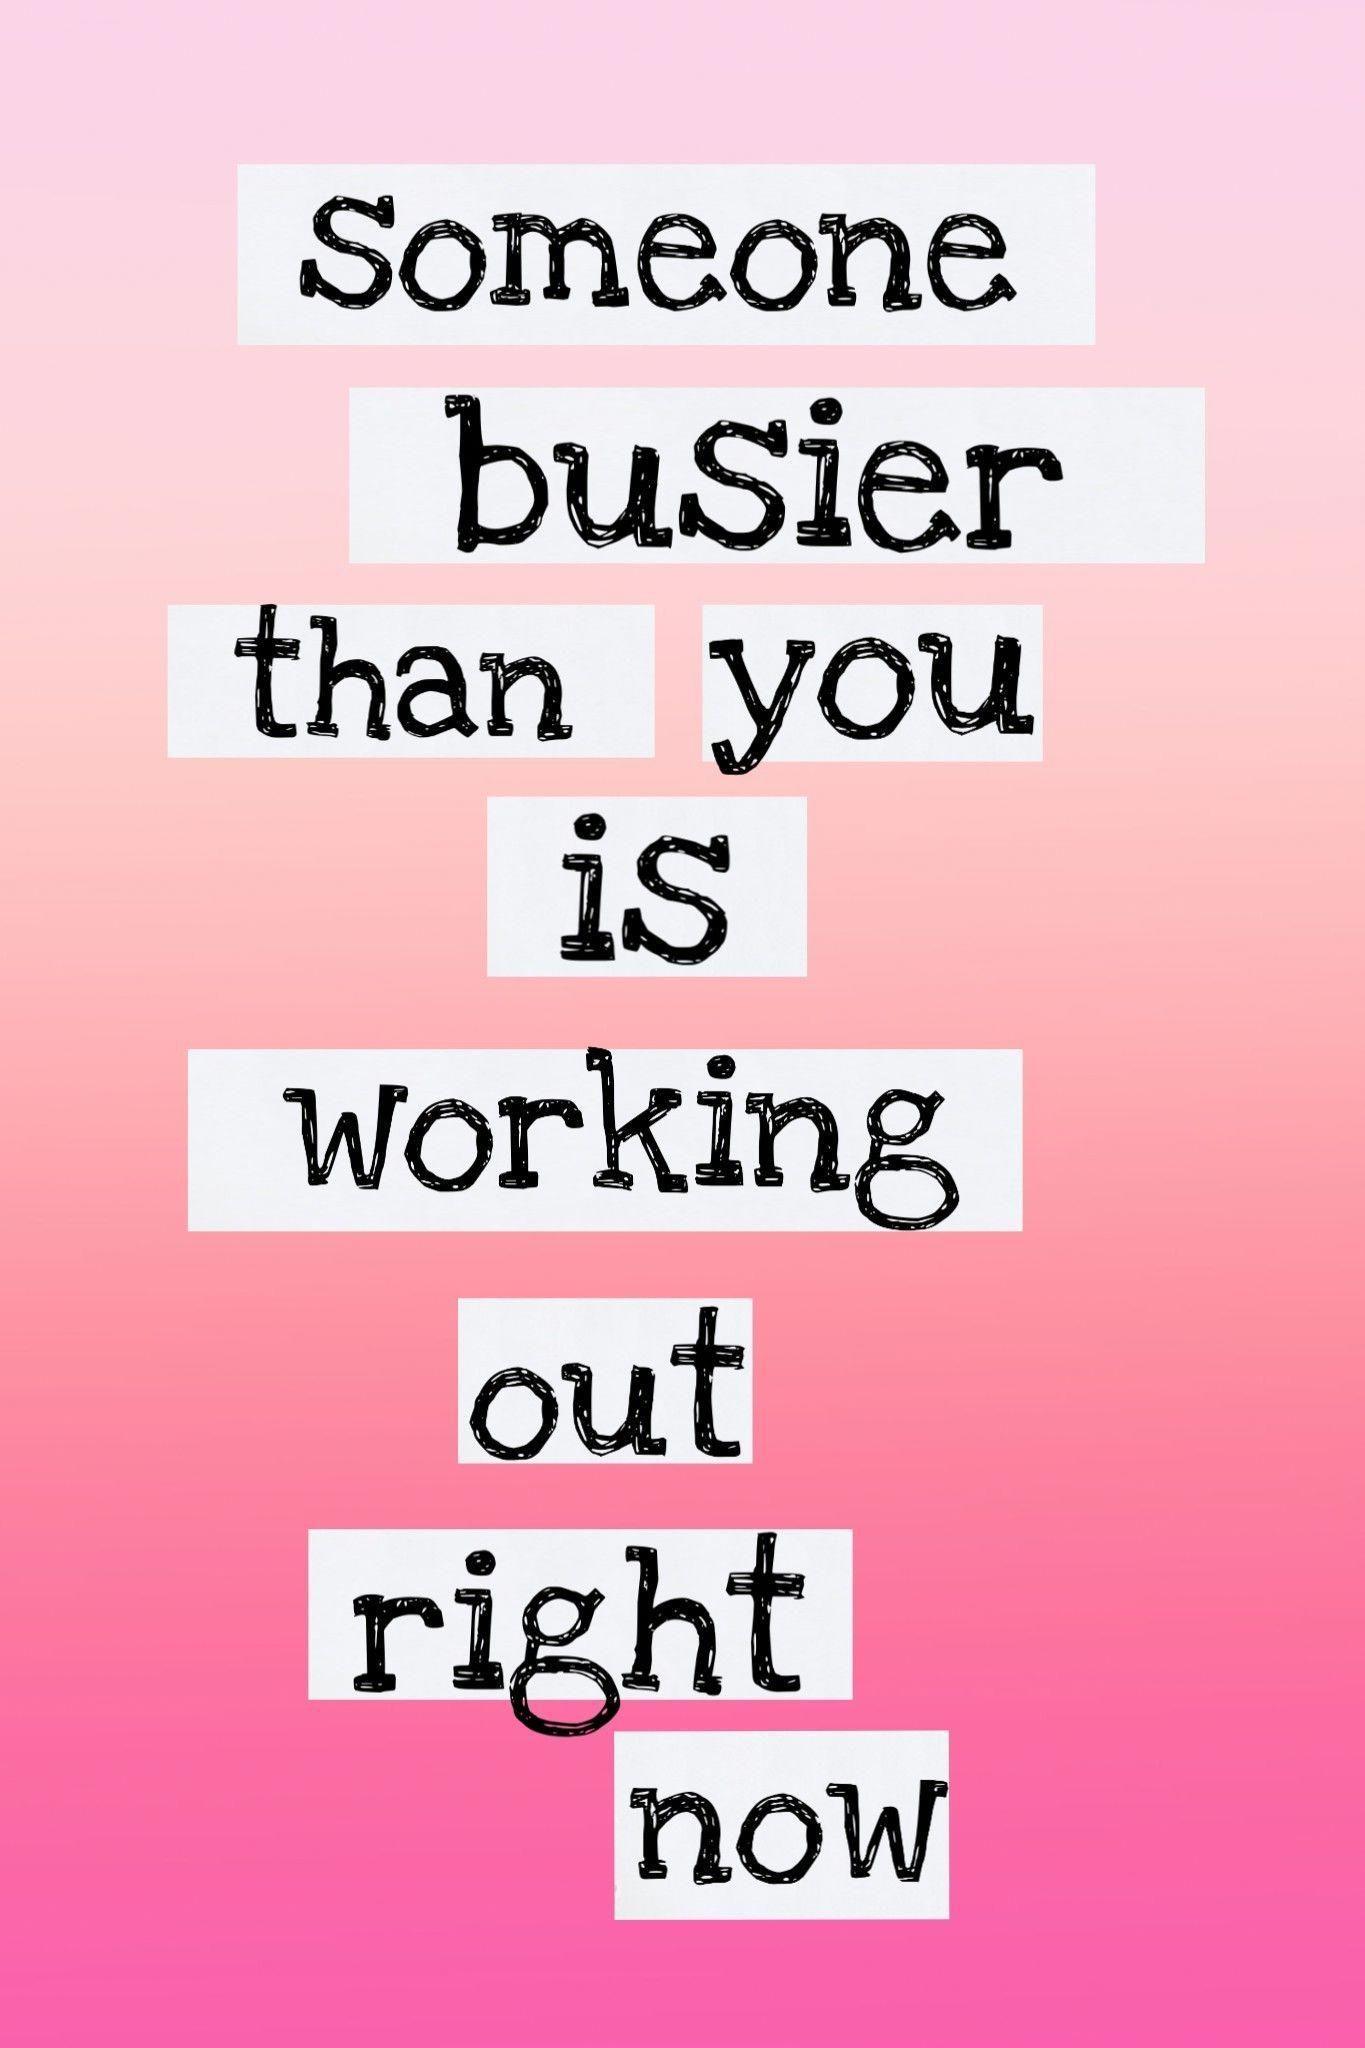 inspirierende Zitate, motivierende Zitate, Top-Zitate, beliebte Zitate, Fitness q ... -  inspirieren...